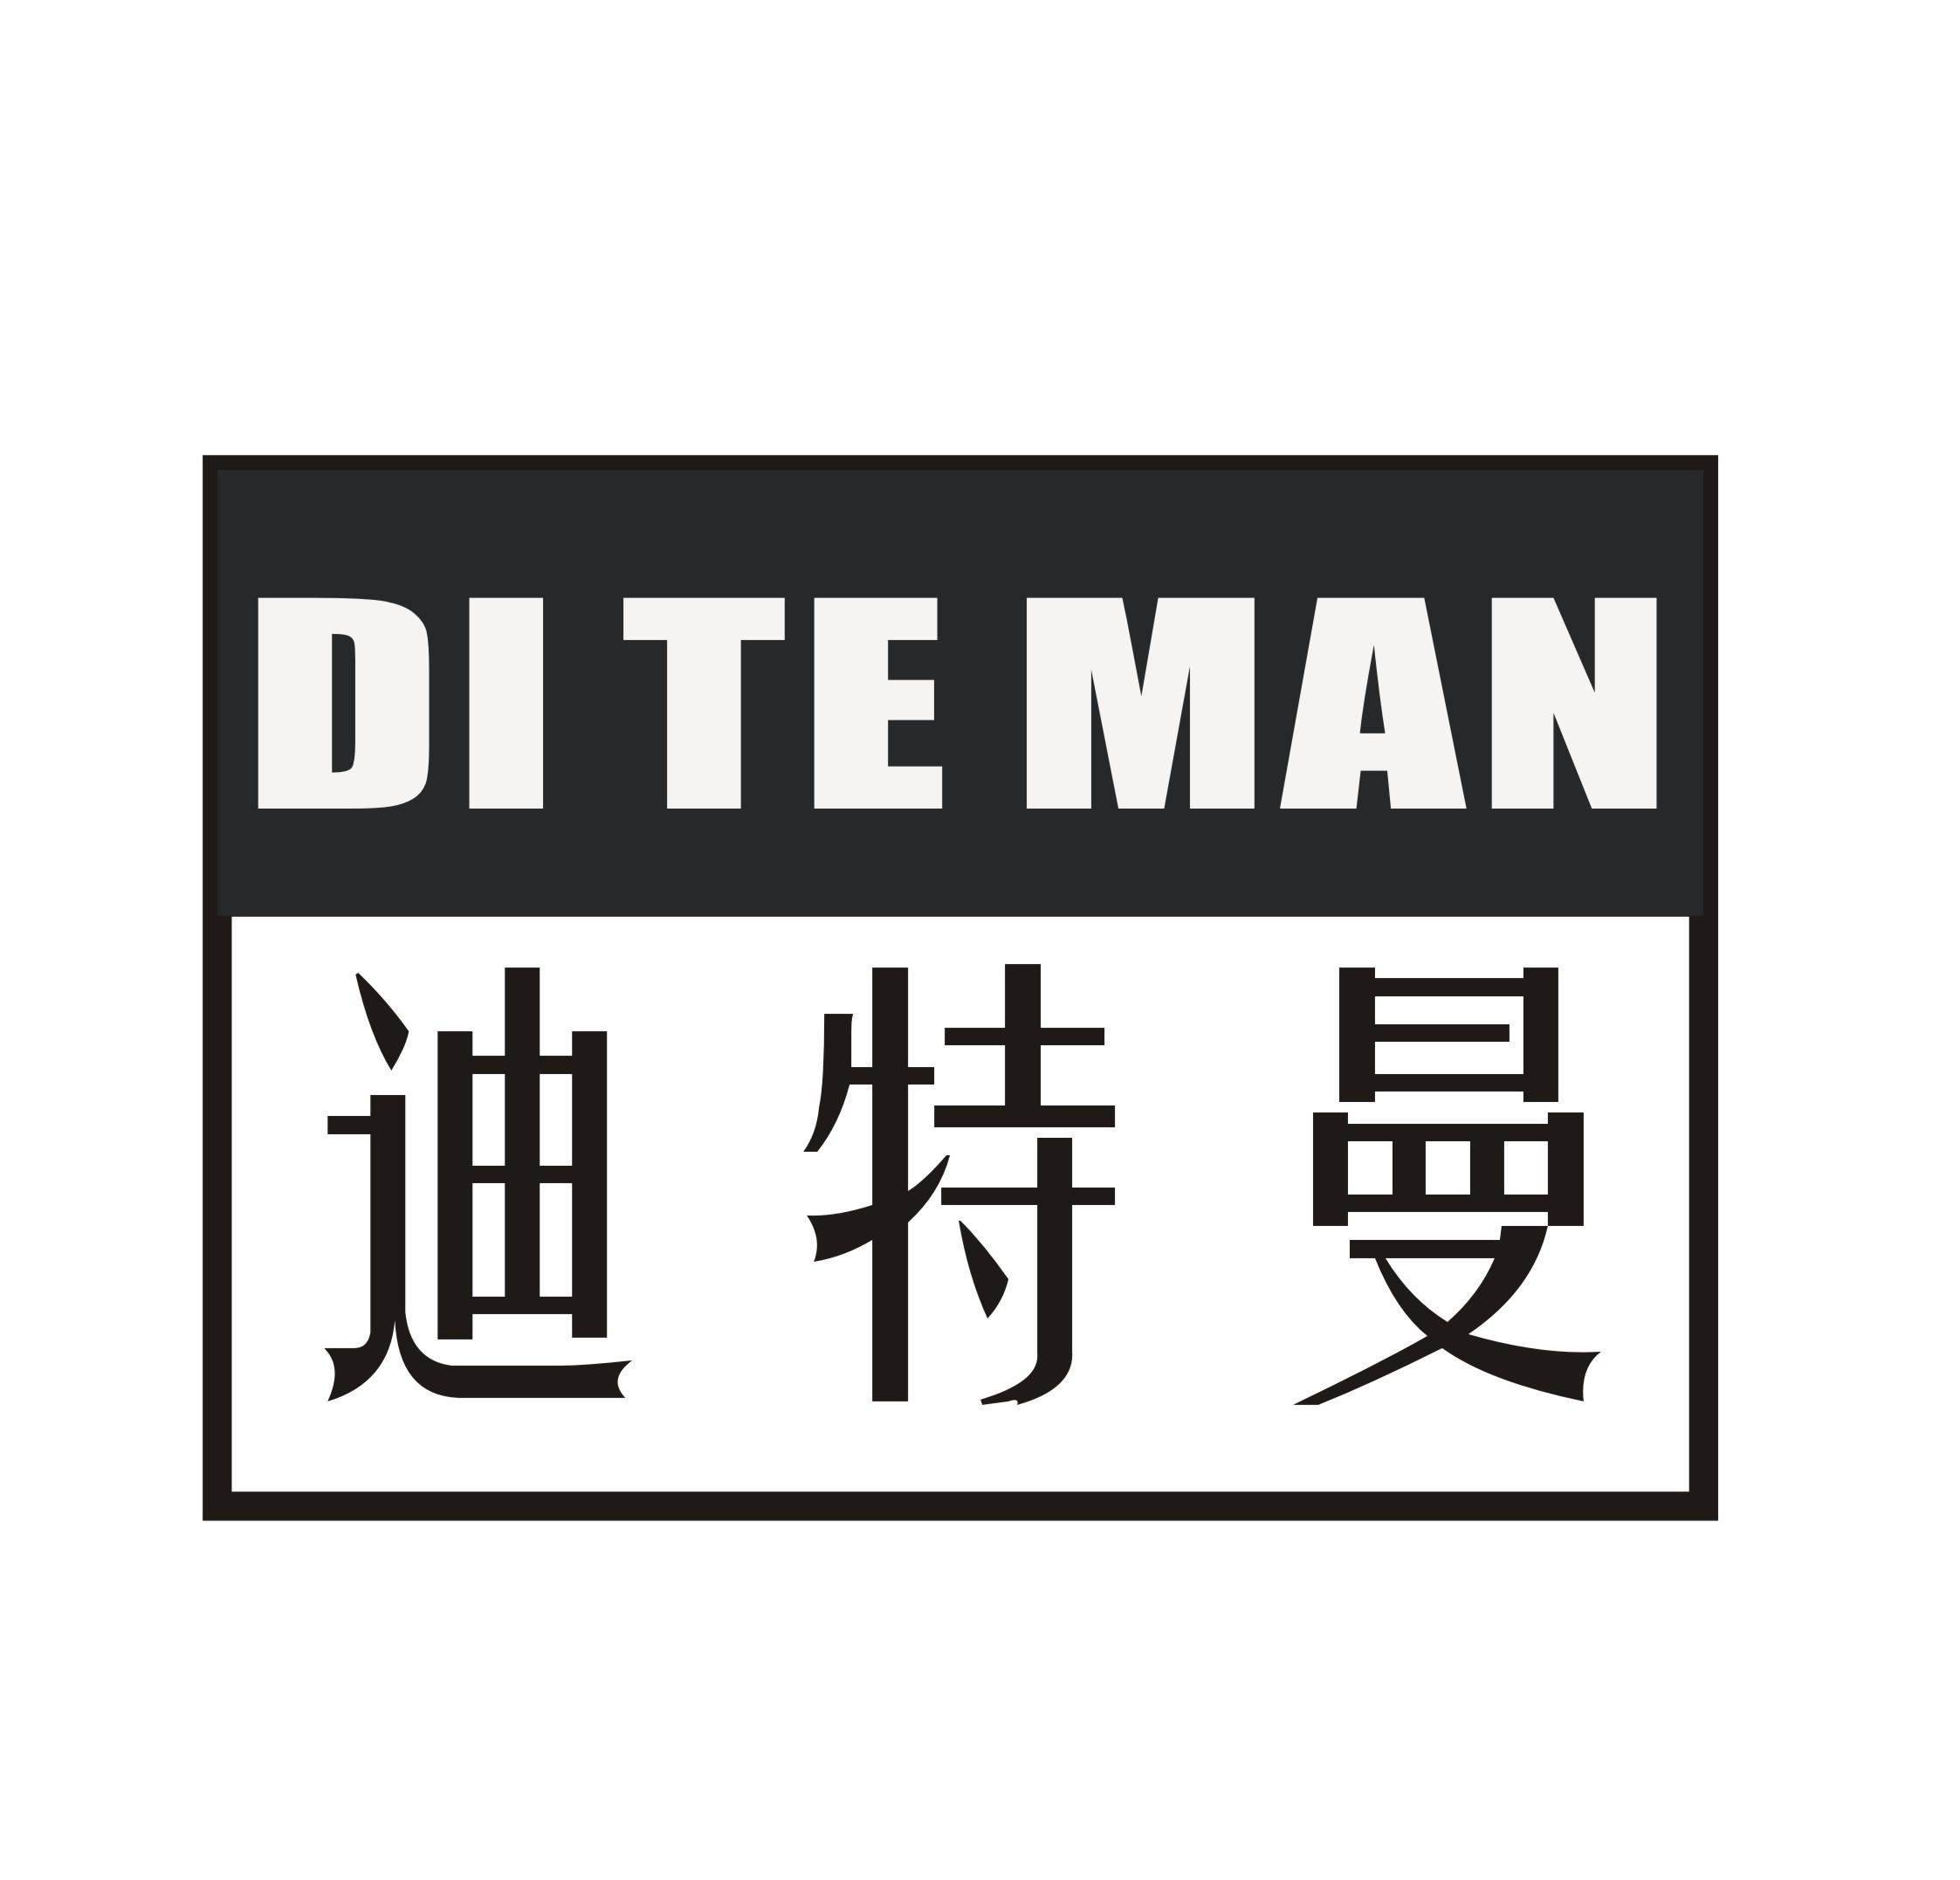 河南迪特曼新材料科技有限公司